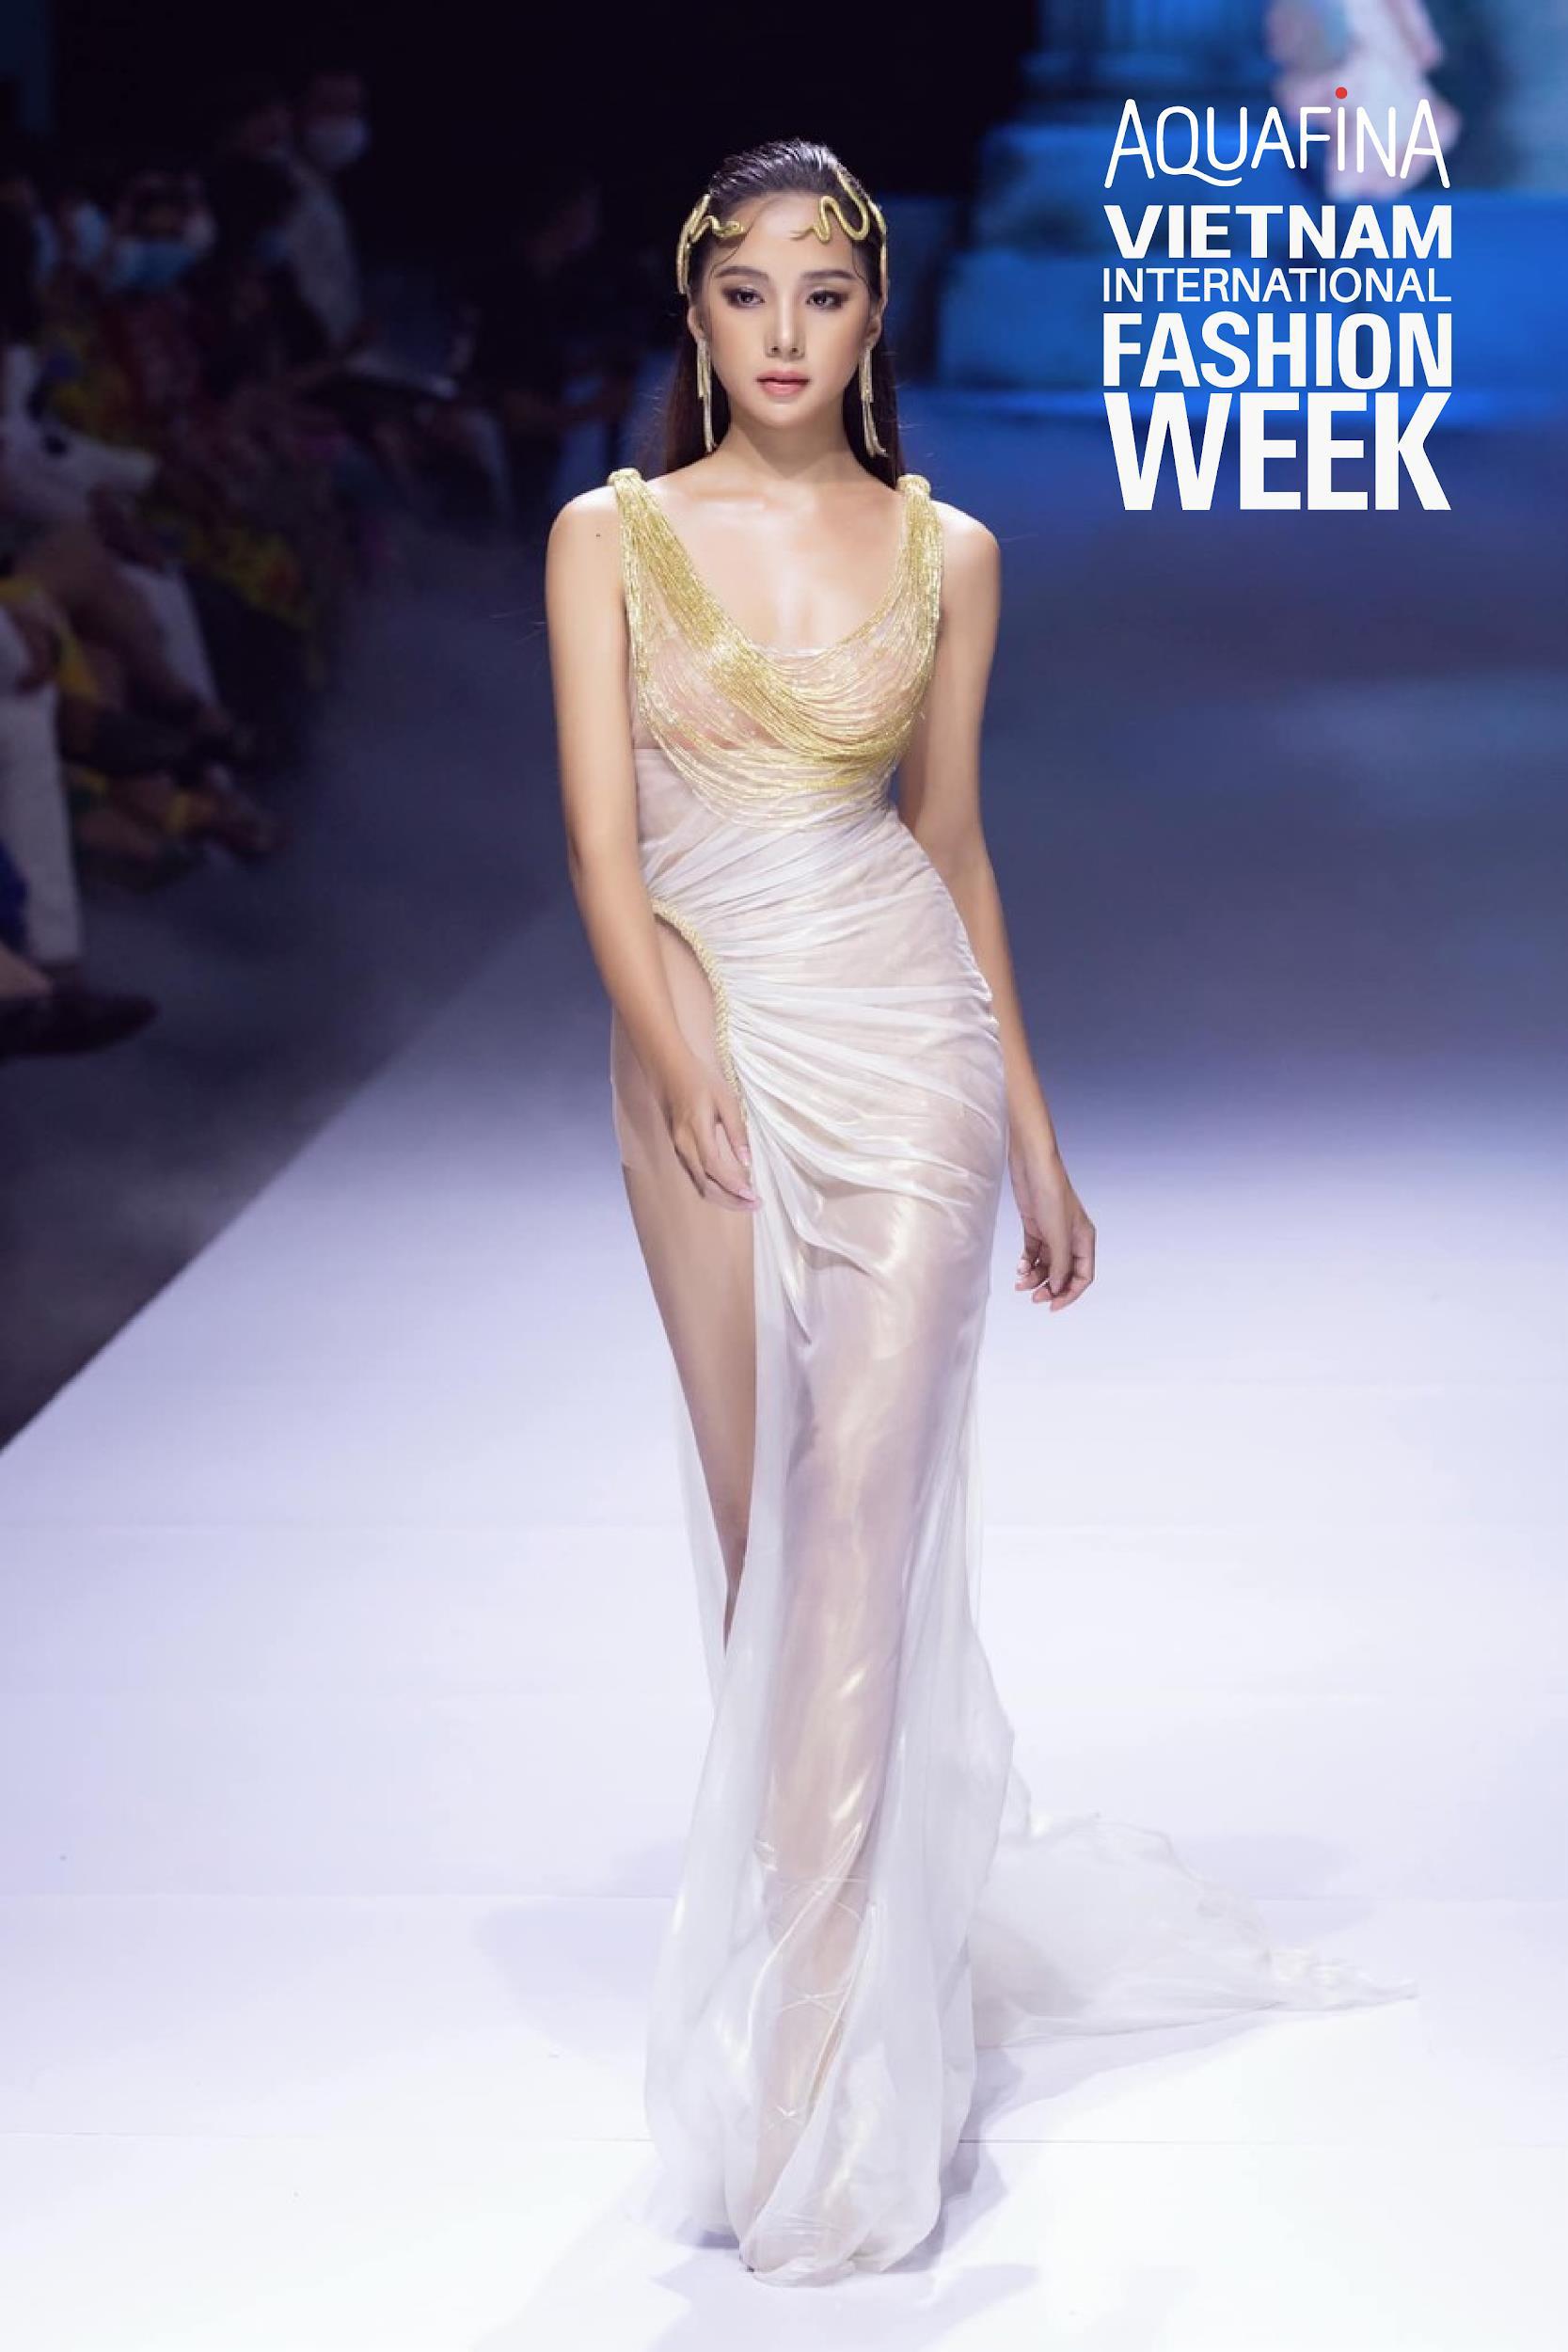 """Nhìn lại những nhan sắc """"cực phẩm"""" trên sàn diễn Aquafina Tuần lễ Thời trang Quốc tế Việt Nam 2020 - Ảnh 7."""